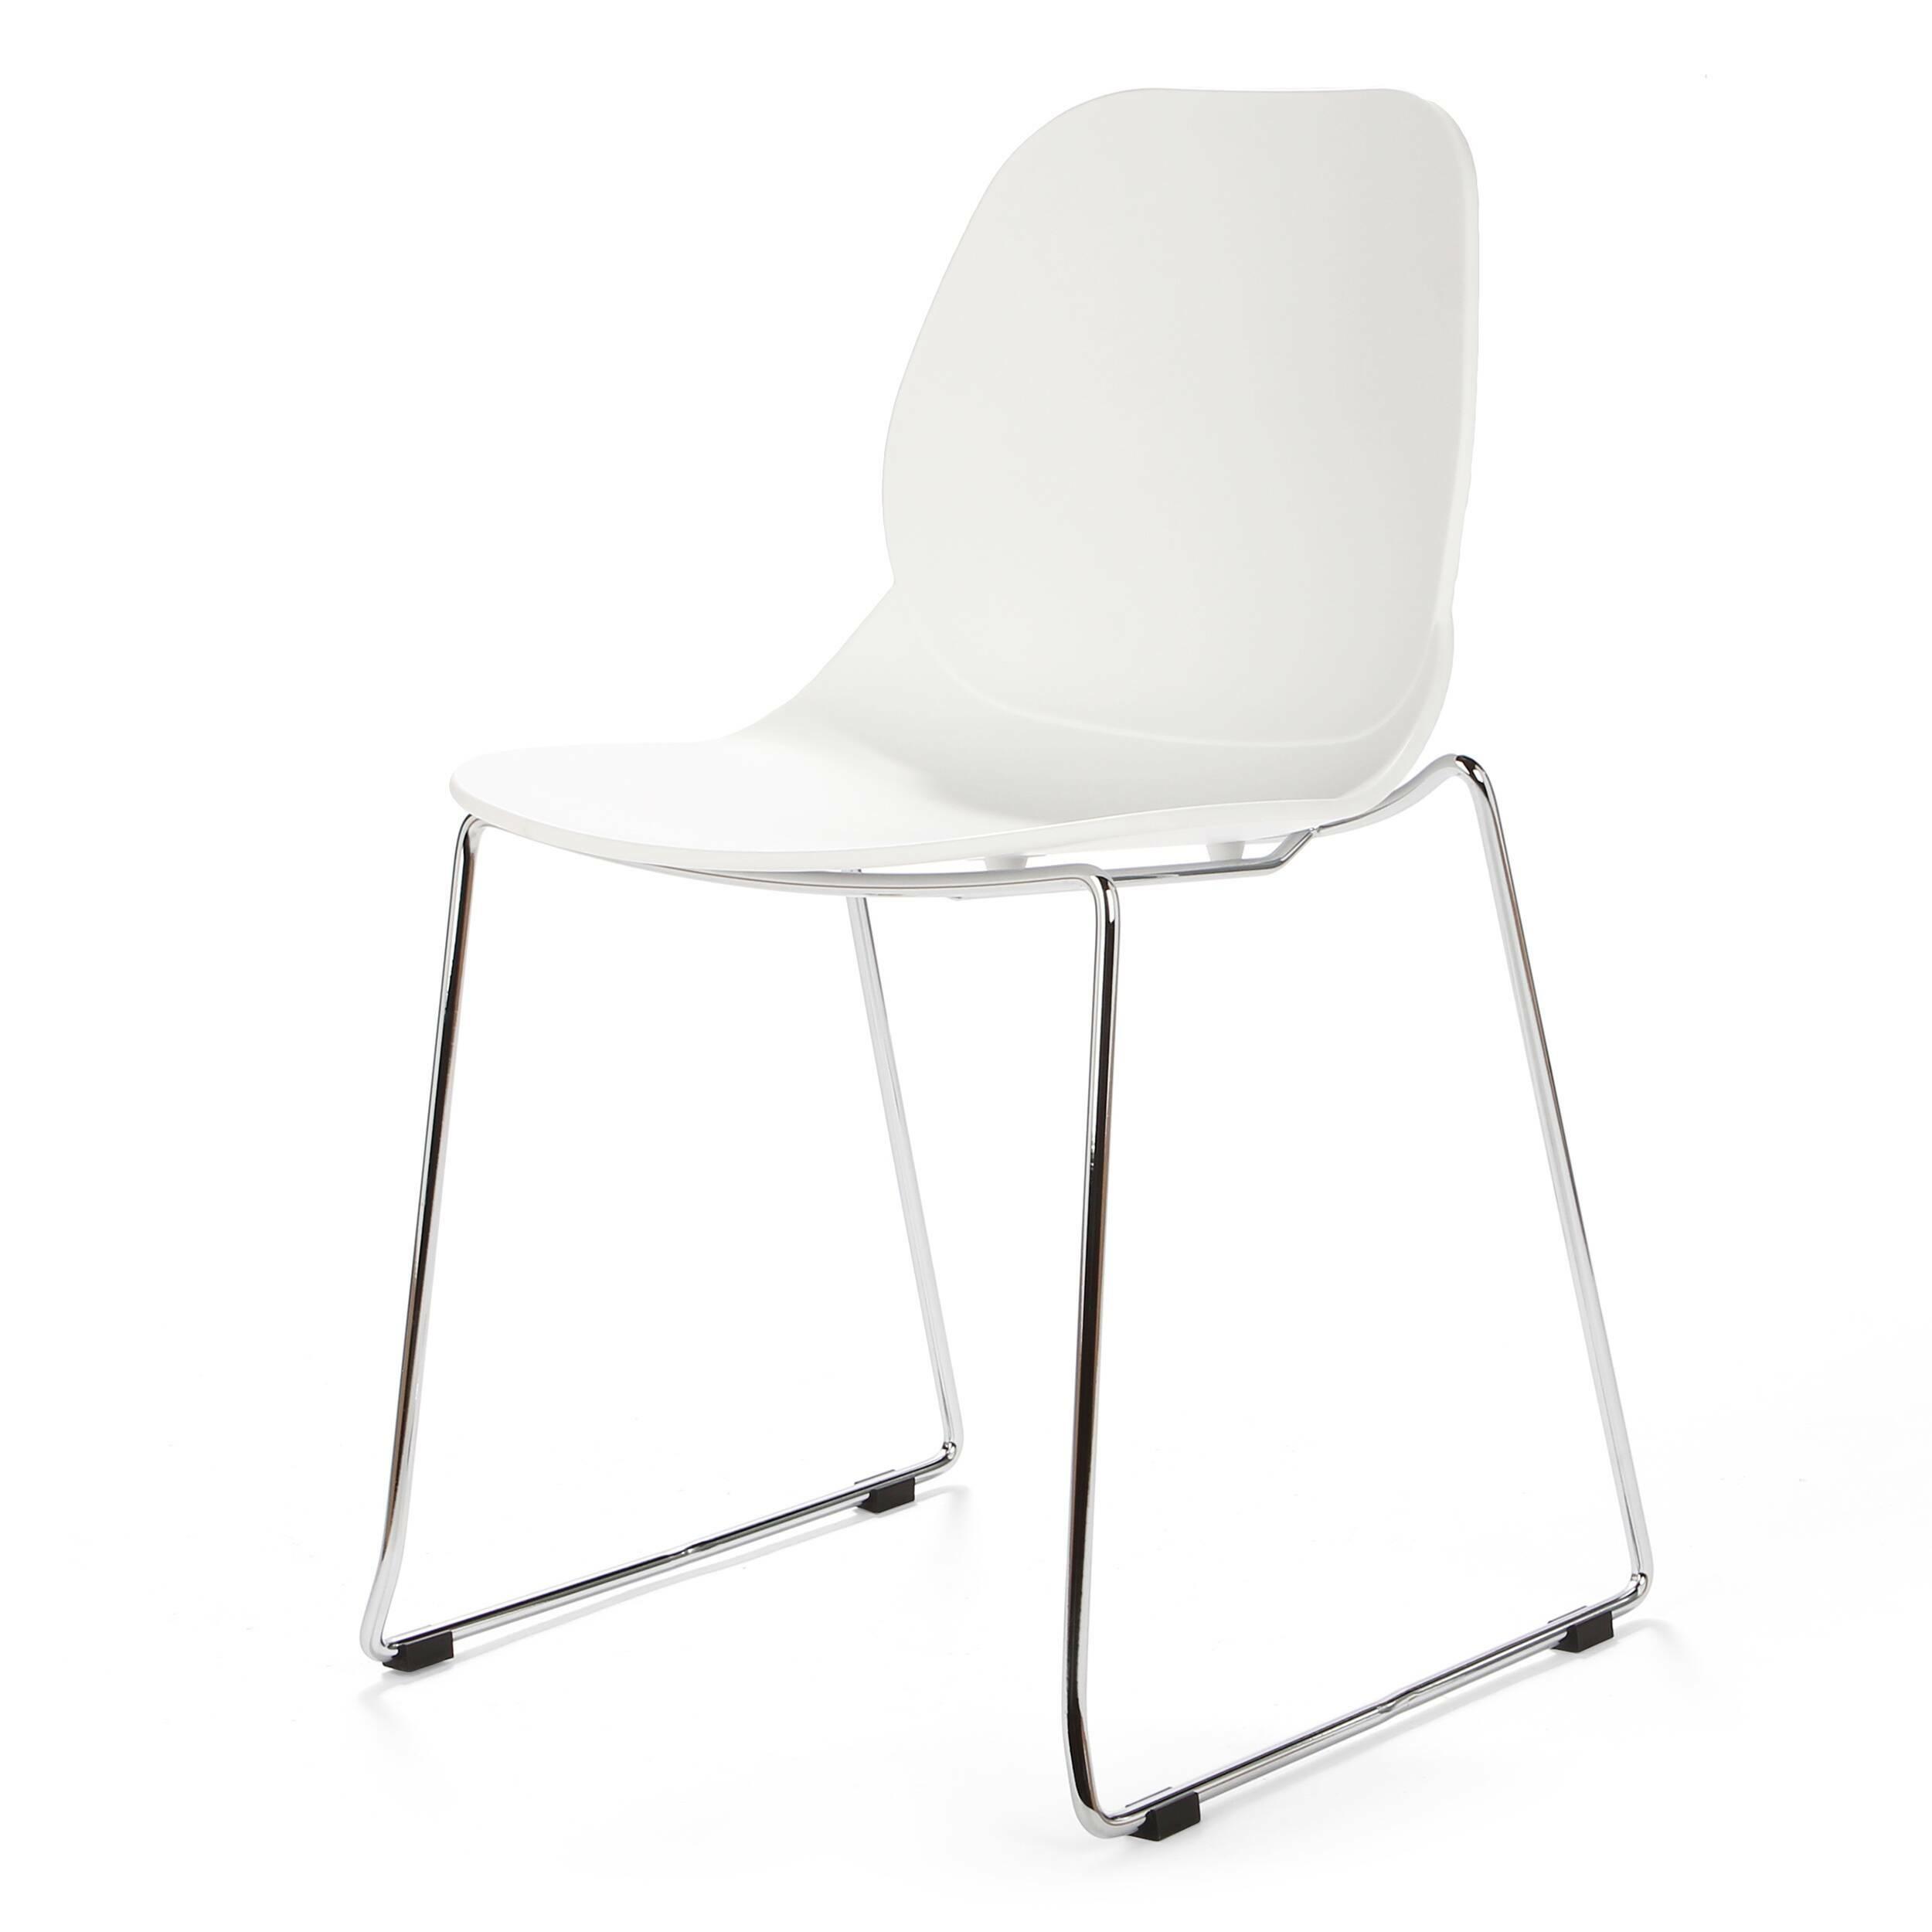 Стул LightweightИнтерьерные<br>Дизайнерский узкий высокий стул Lightweight (Лайтвейт) из пластика без подлокотников на тонких стальных ножках от Cosmo (Космо).<br>Стул Lightweight — это экономичный и стильный вариант мебели для офиса. Сглаженные формы сиденья, спинки и ножек приятны глазу. Сидеть же на нем невероятно комфортно, так как дизайнеры позаботились о своем потребителе, они спроектировали вогнутую спинку стула, благодаря которой отдых приятен и безвреден.<br> <br> Полипропилен, из которого выполнено сиденье, славится св...<br><br>stock: 2<br>Высота: 82,5<br>Ширина: 54<br>Глубина: 49,5<br>Цвет ножек: Хром<br>Цвет сидения: Белый<br>Тип материала сидения: Полипропилен<br>Тип материала ножек: Сталь нержавеющая